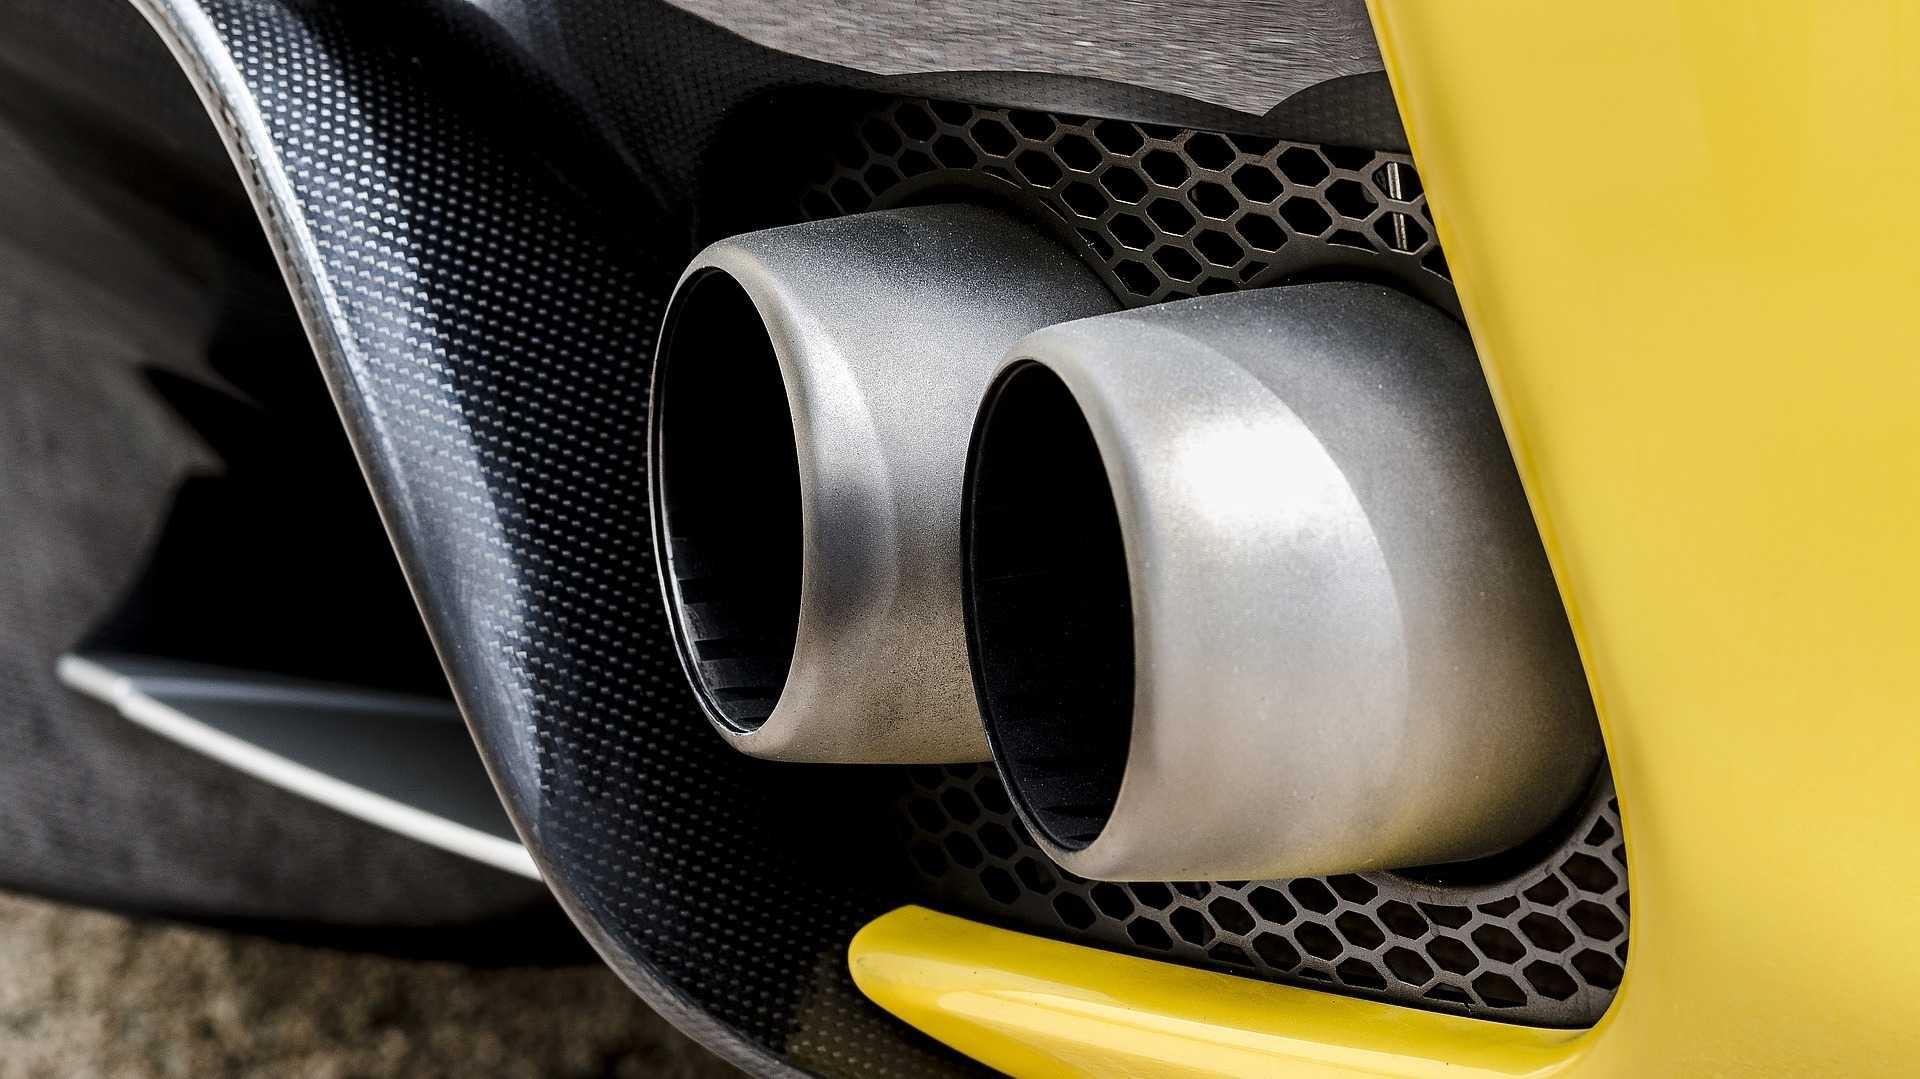 Autoindustrie hadert mit neuen Abgastests – Kunden müssen warten